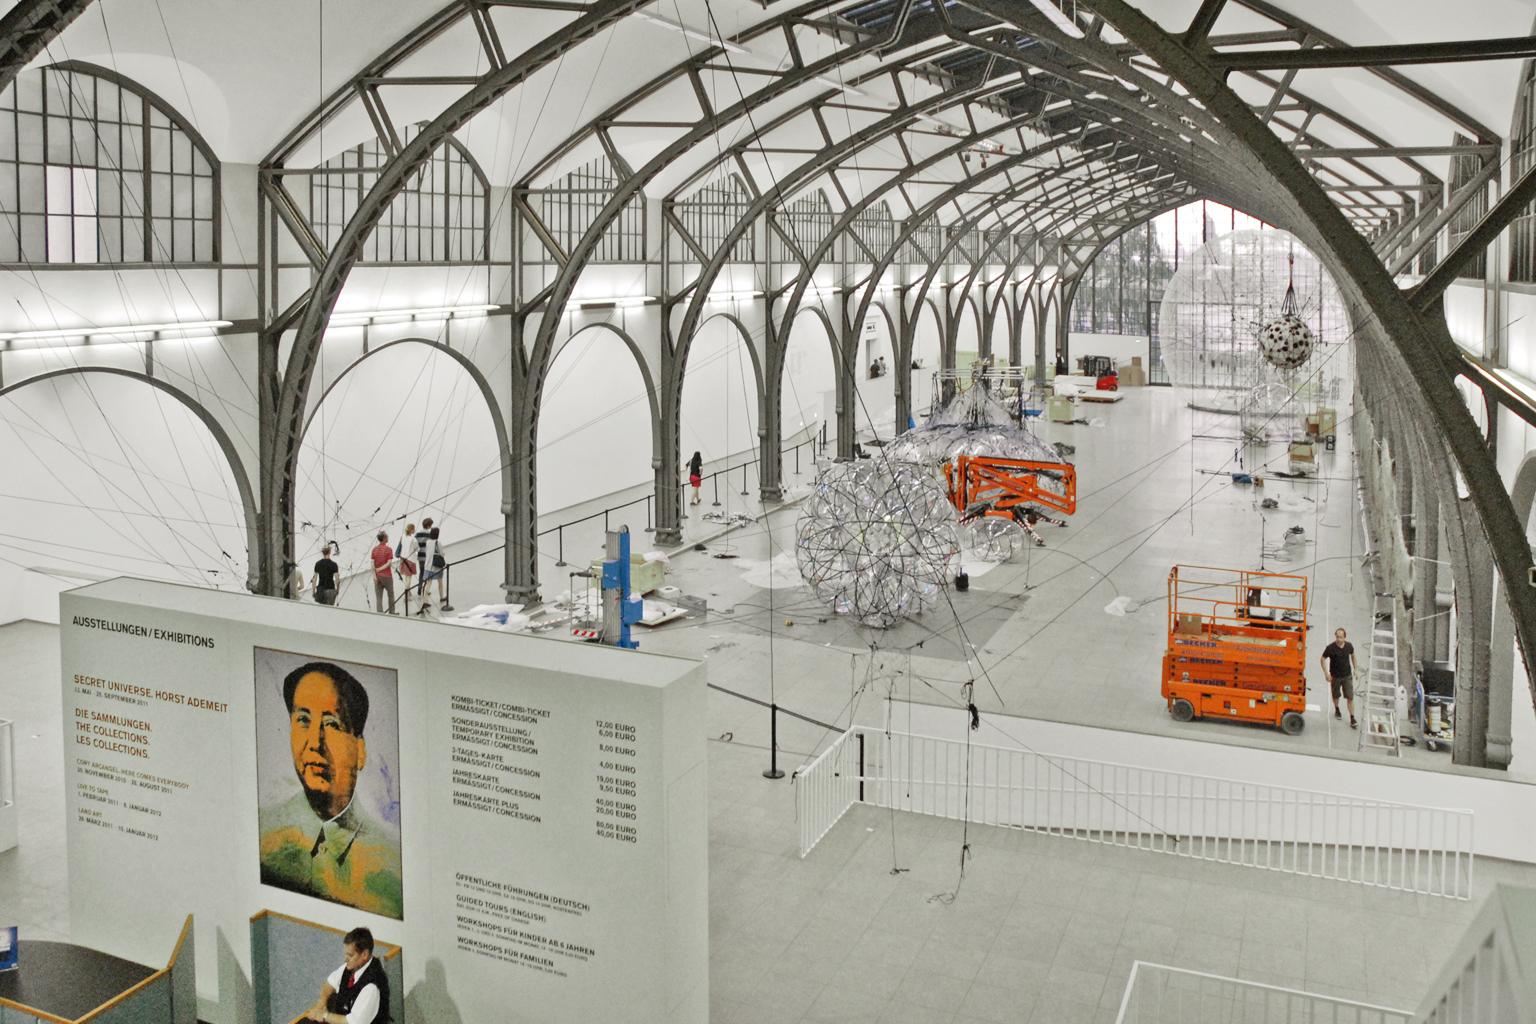 Гамбургский вокзал в Берлине, выставочный зал